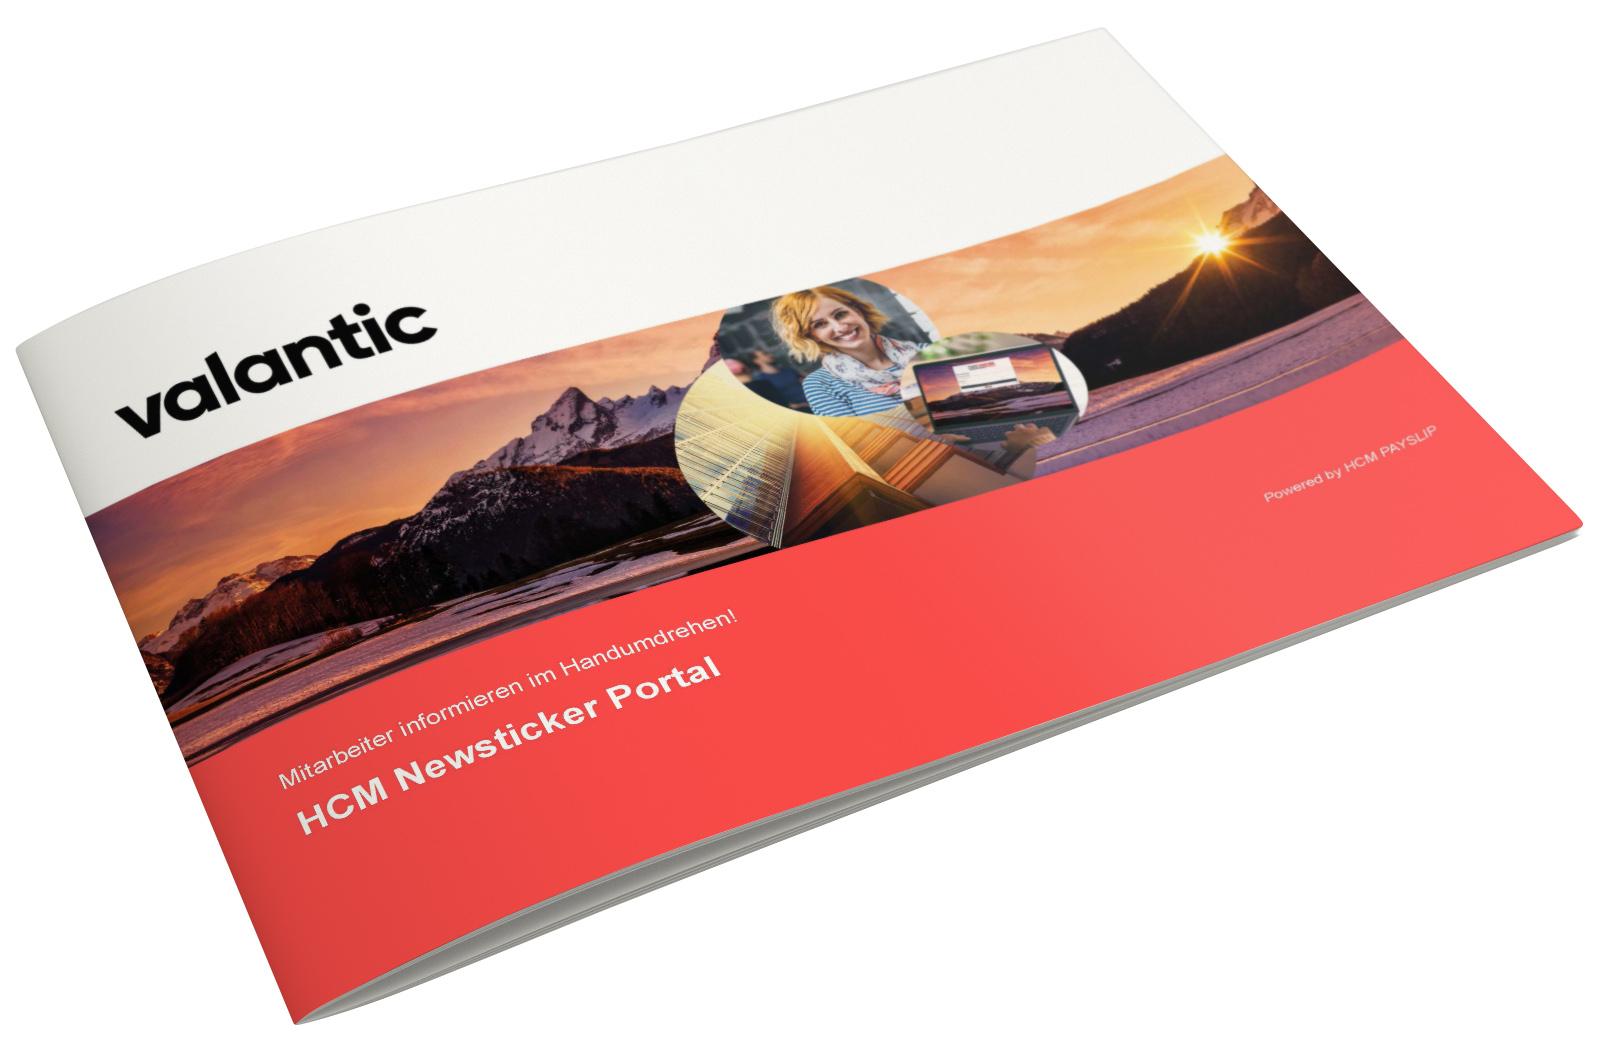 Bild einer Zeitschrift, valantic Maßnahmenpaket zum HCM Newsticker-Portal für die Interne Kommunikation